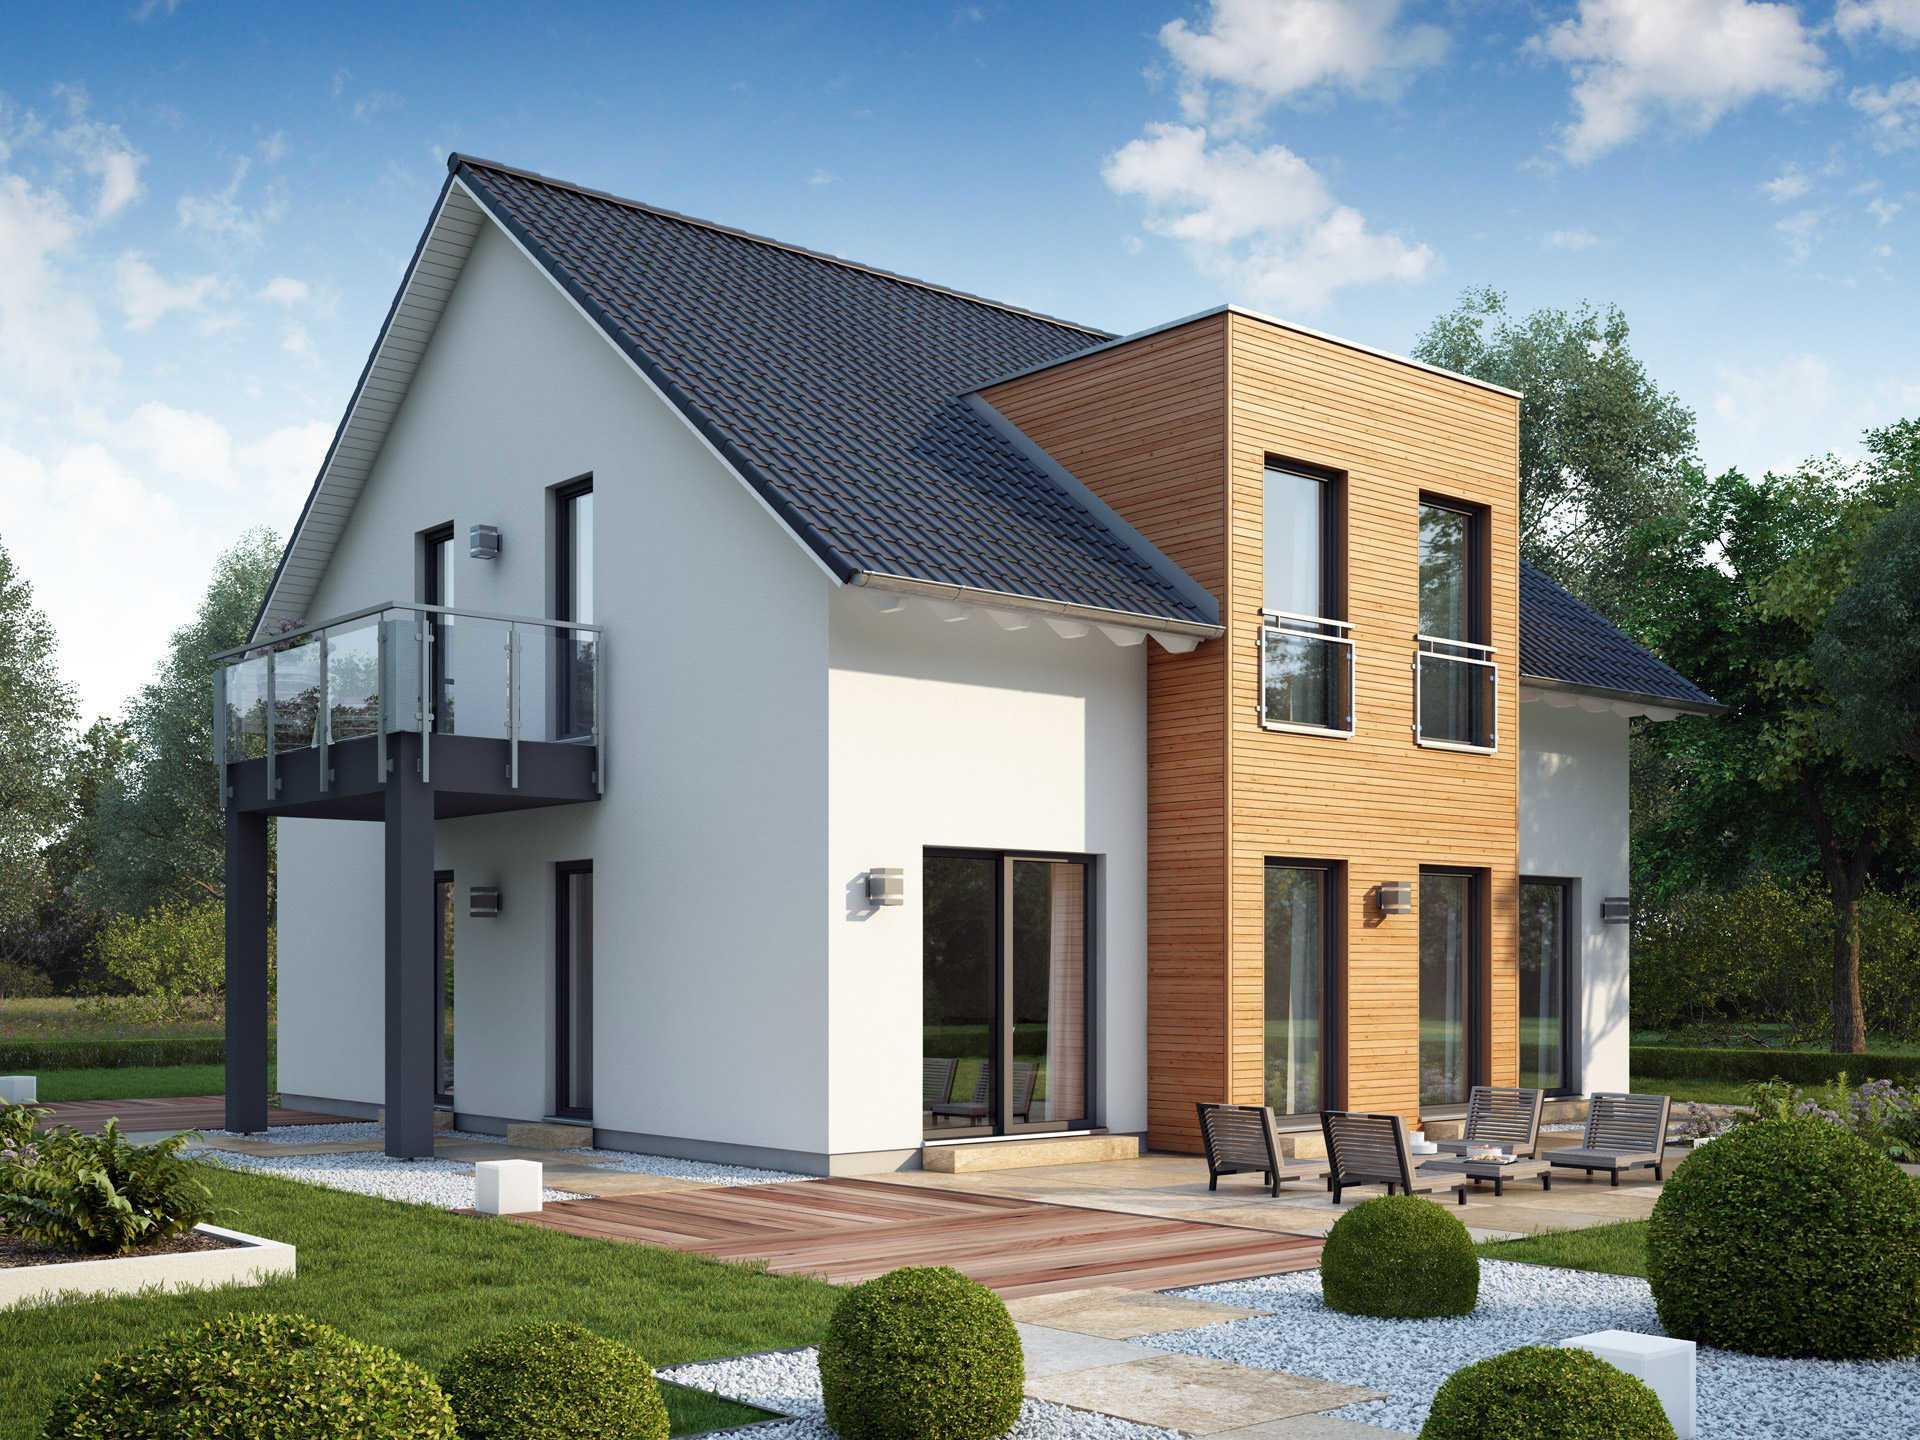 einfamilienhaus lifestyle 5 massa haus